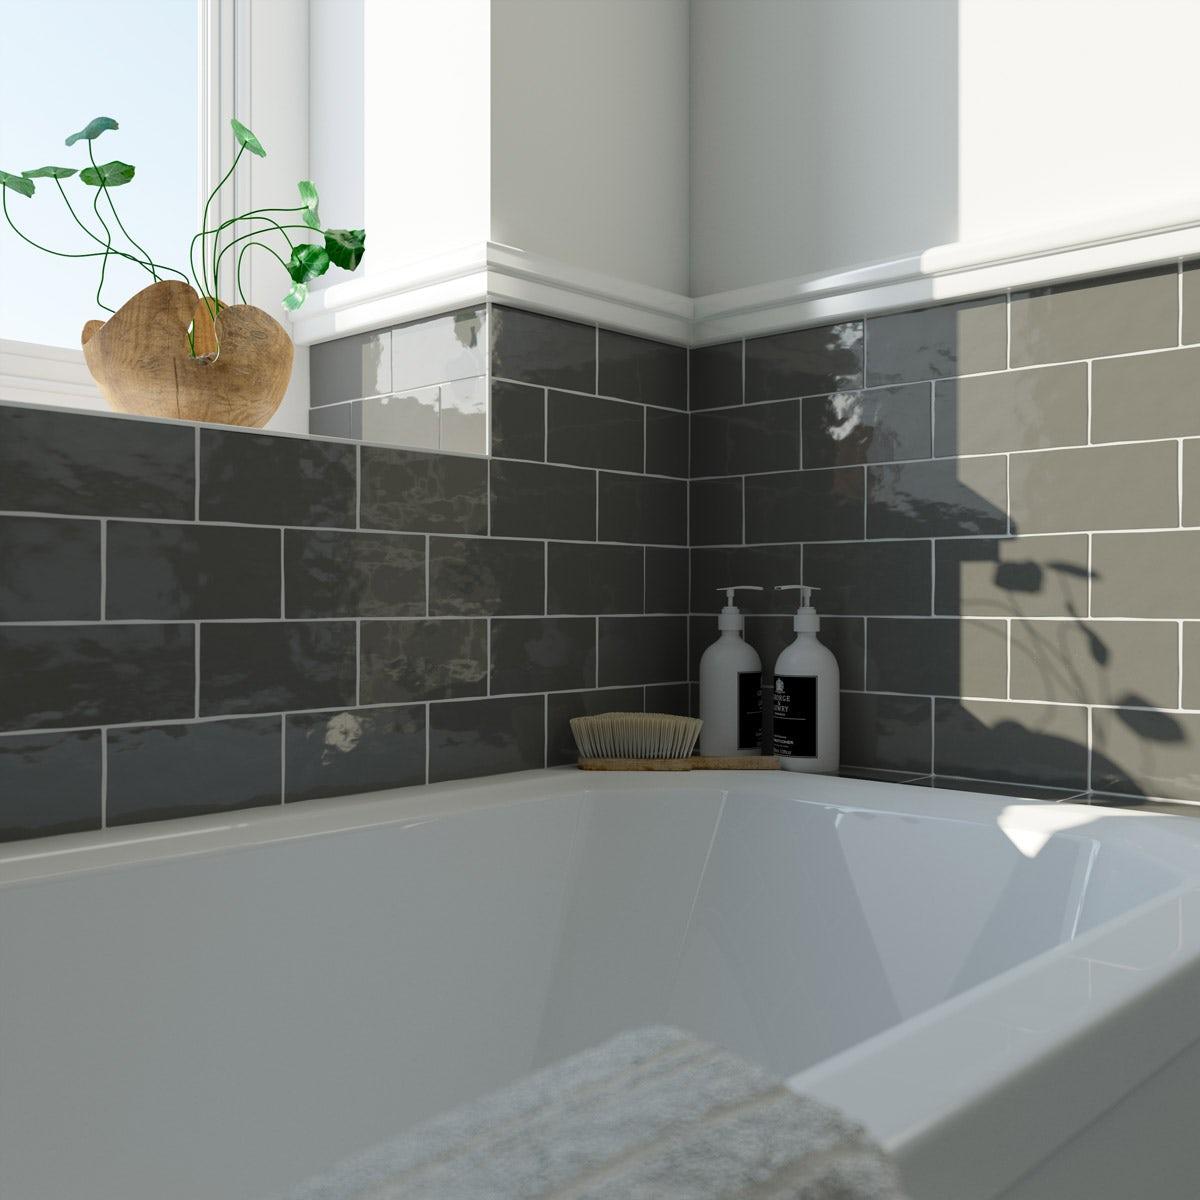 Laura Ashley Artisan charcoal grey gloss wall tile 75mm x